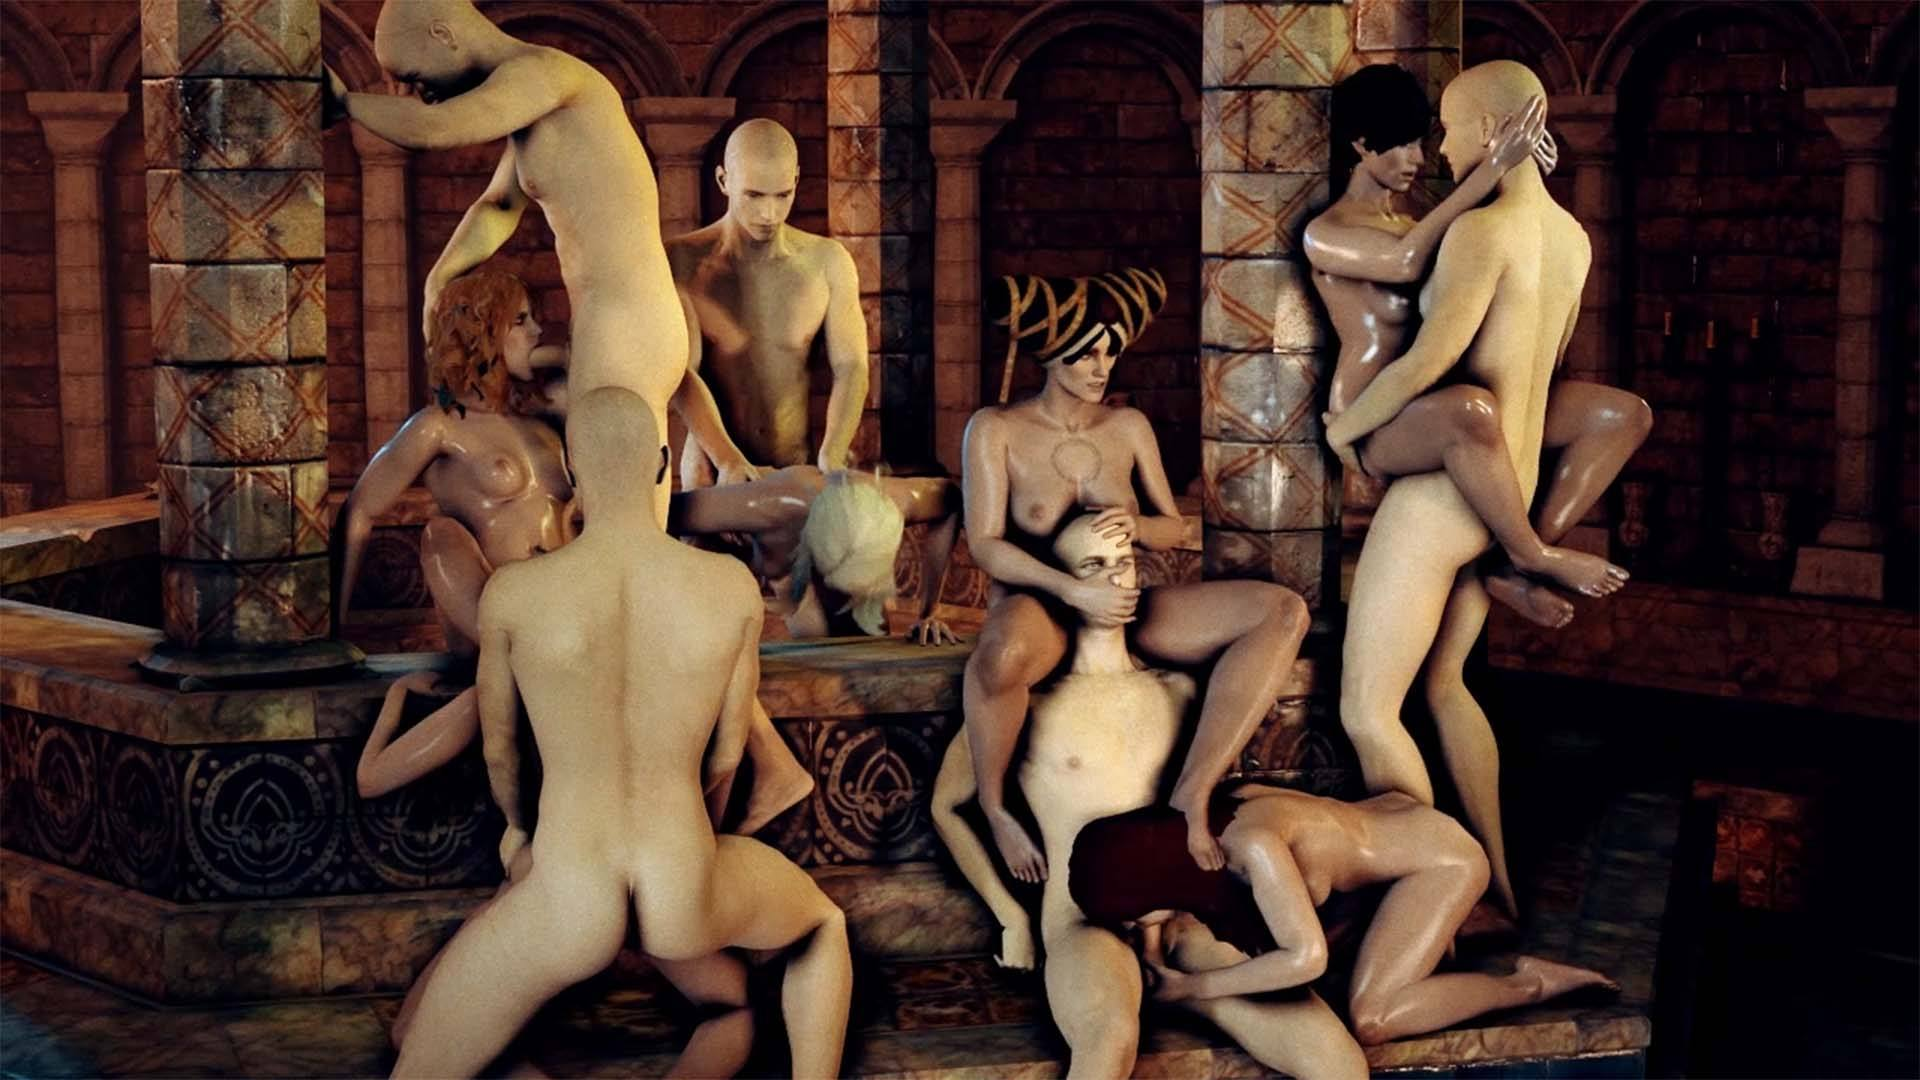 Про гарем порно, Бесплатное порно : Ебли в гареме : Продолжительные 22 фотография